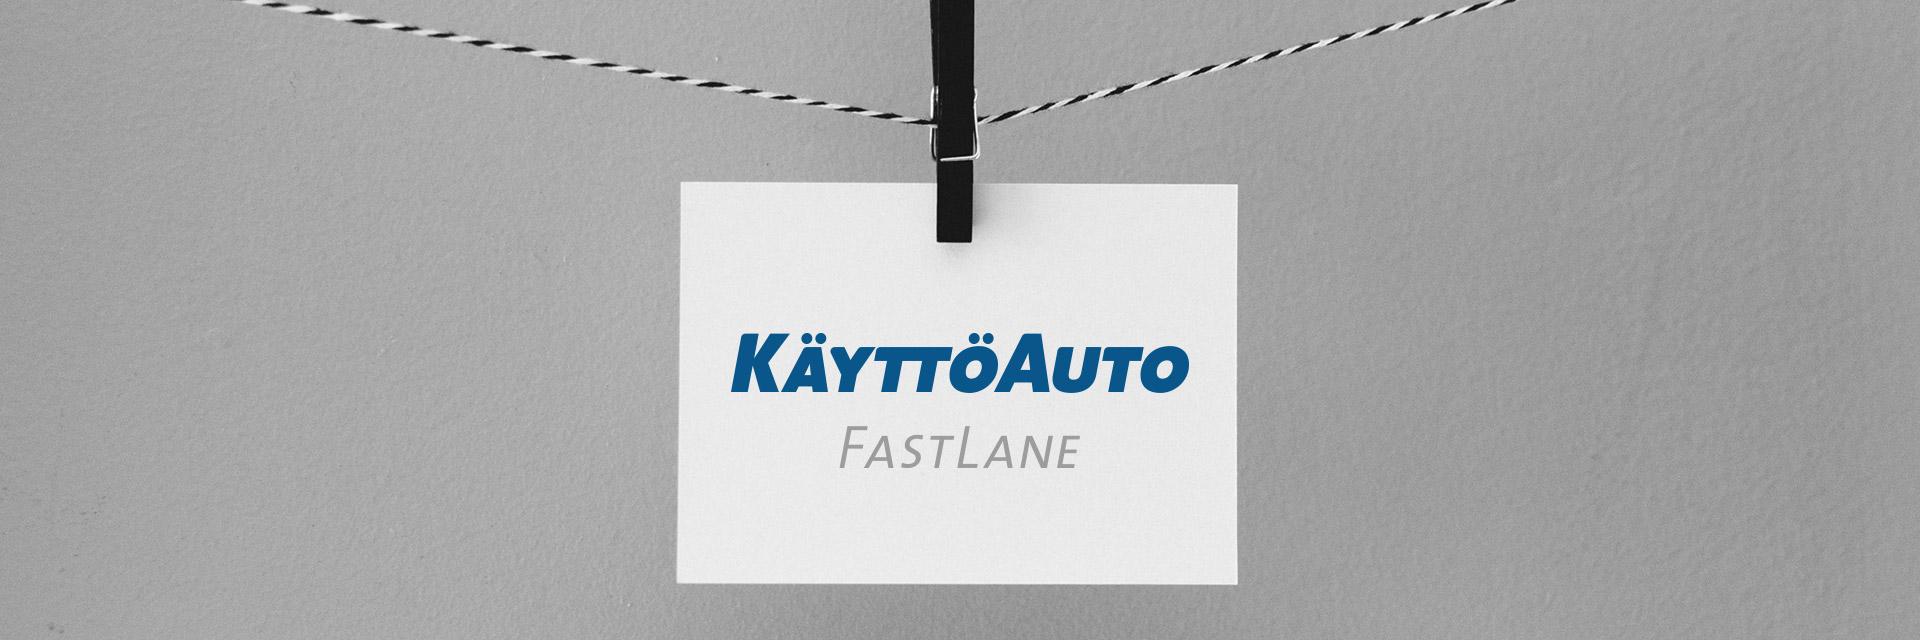 FastLane-vastaanottopalvelu